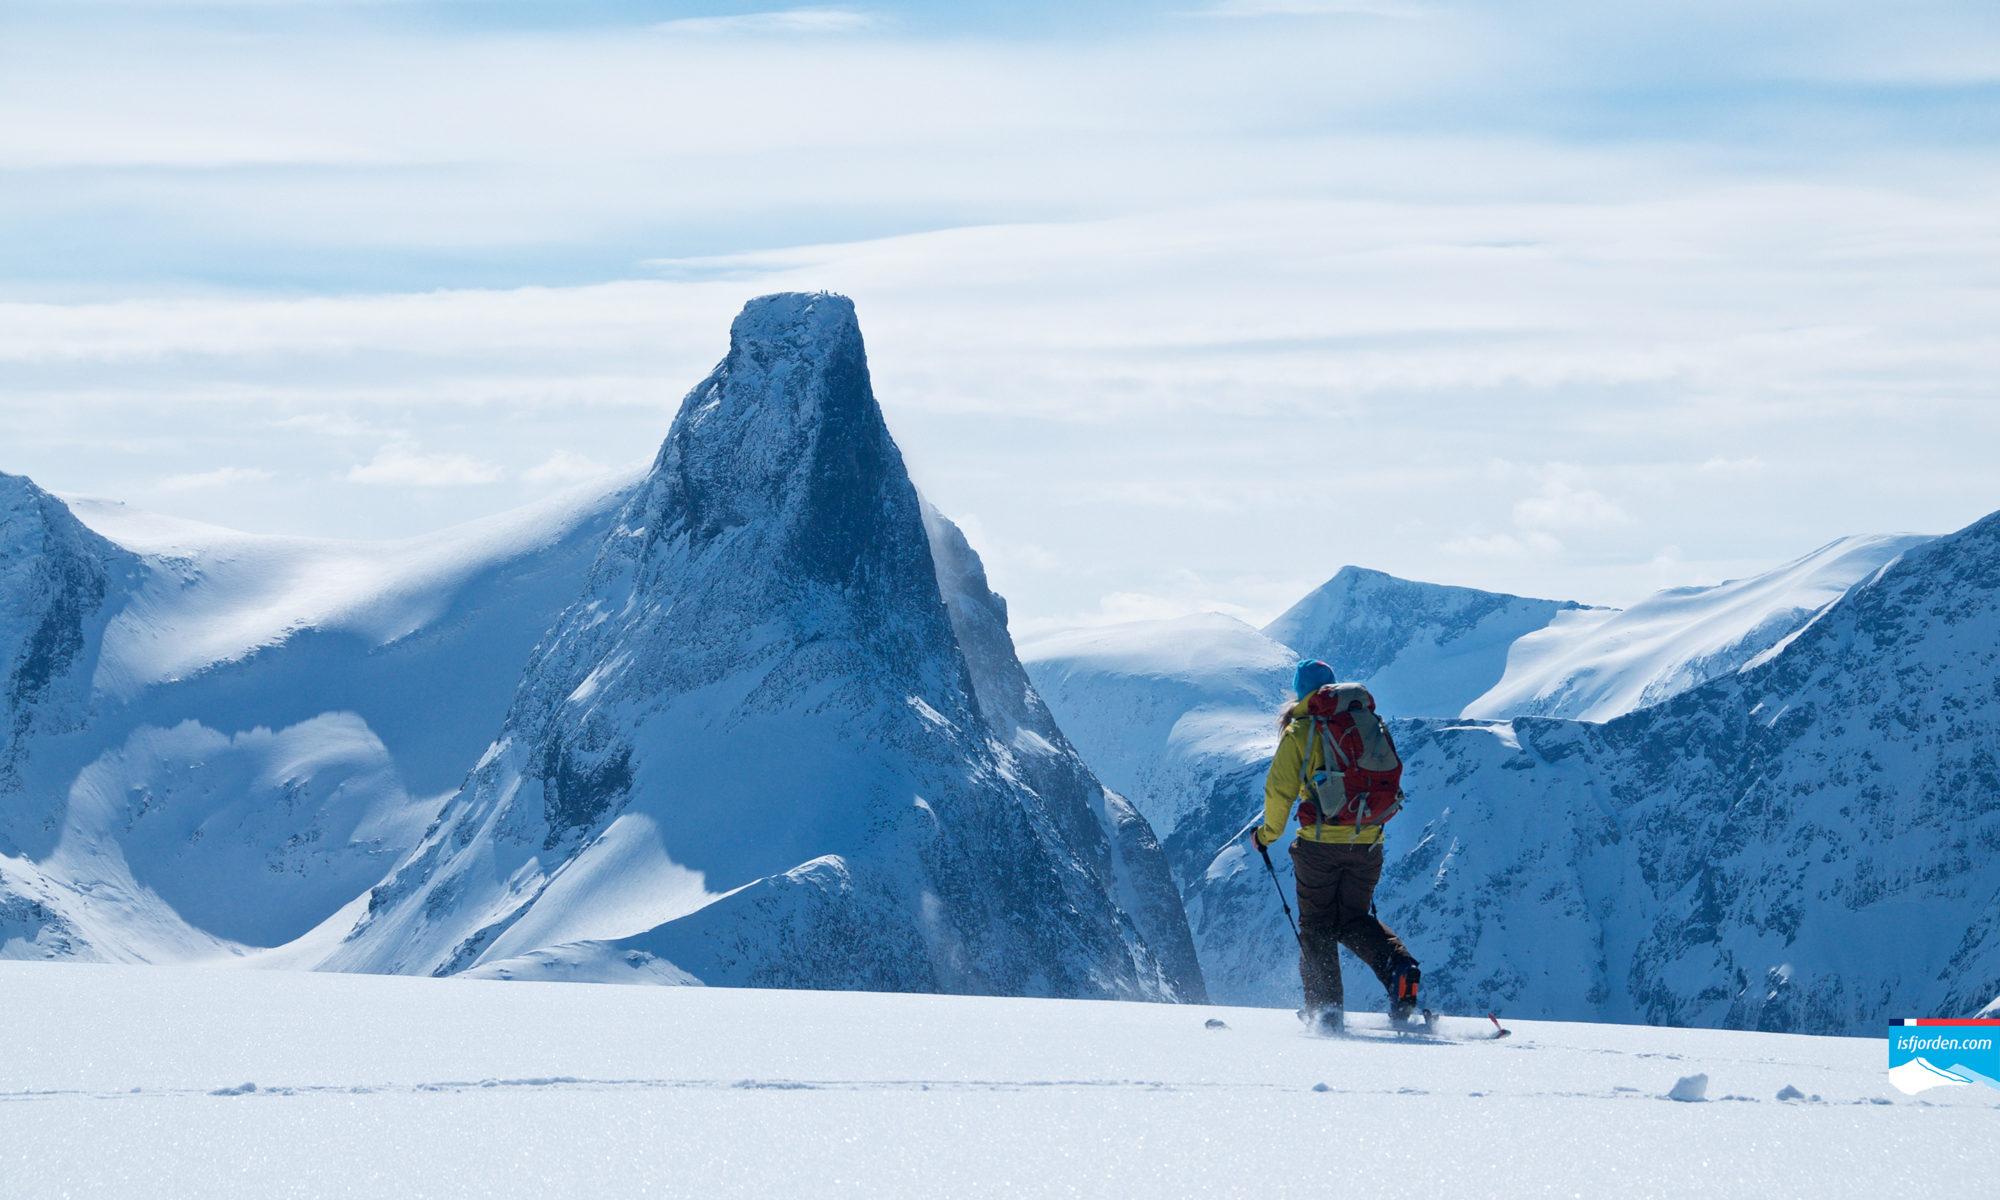 Skiing on Romsdalseggen towards Blånebba. Romsdalshorn in the background.